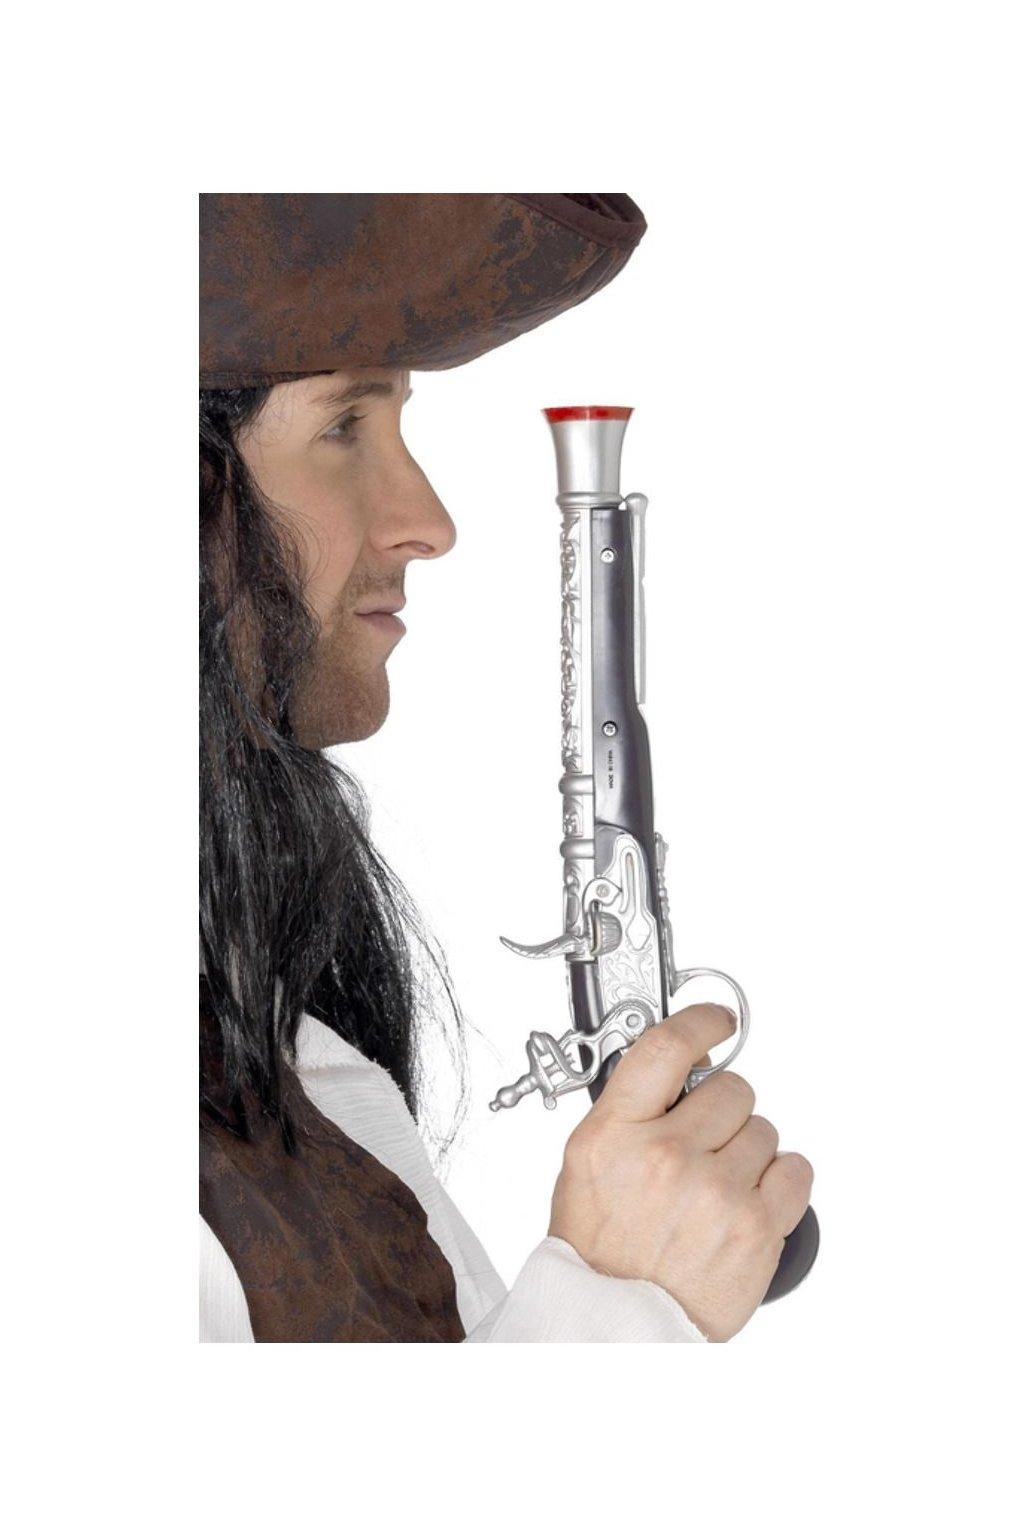 Pirátská pistole